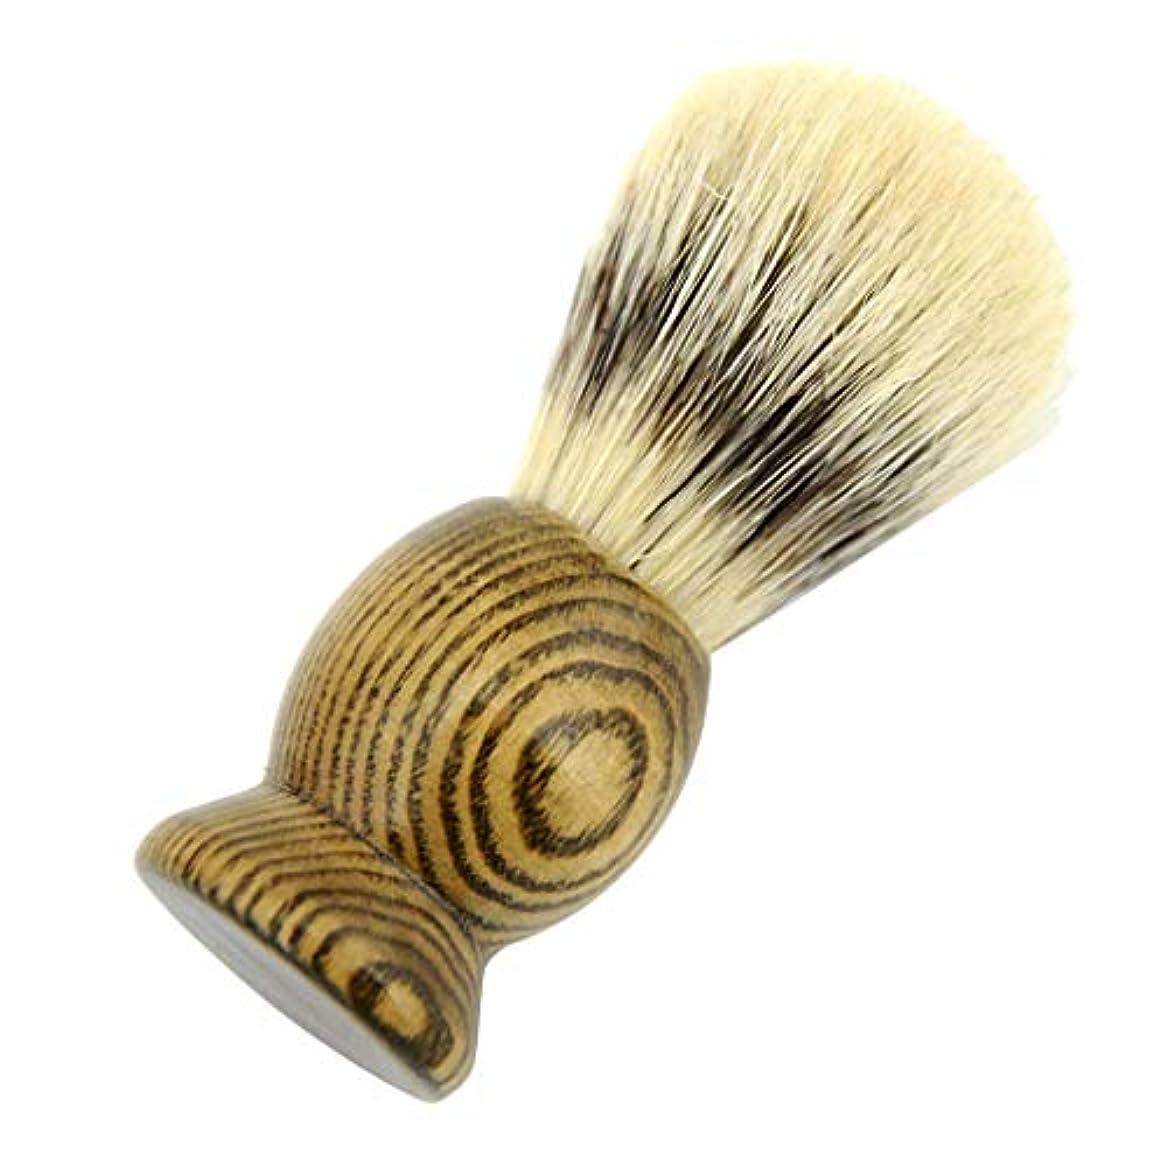 スツールかわす行政sharprepublic ひげブラシ メンズ シェービングブラシ 髭剃り 理容 洗顔 ポータブルひげ剃り美容ツール